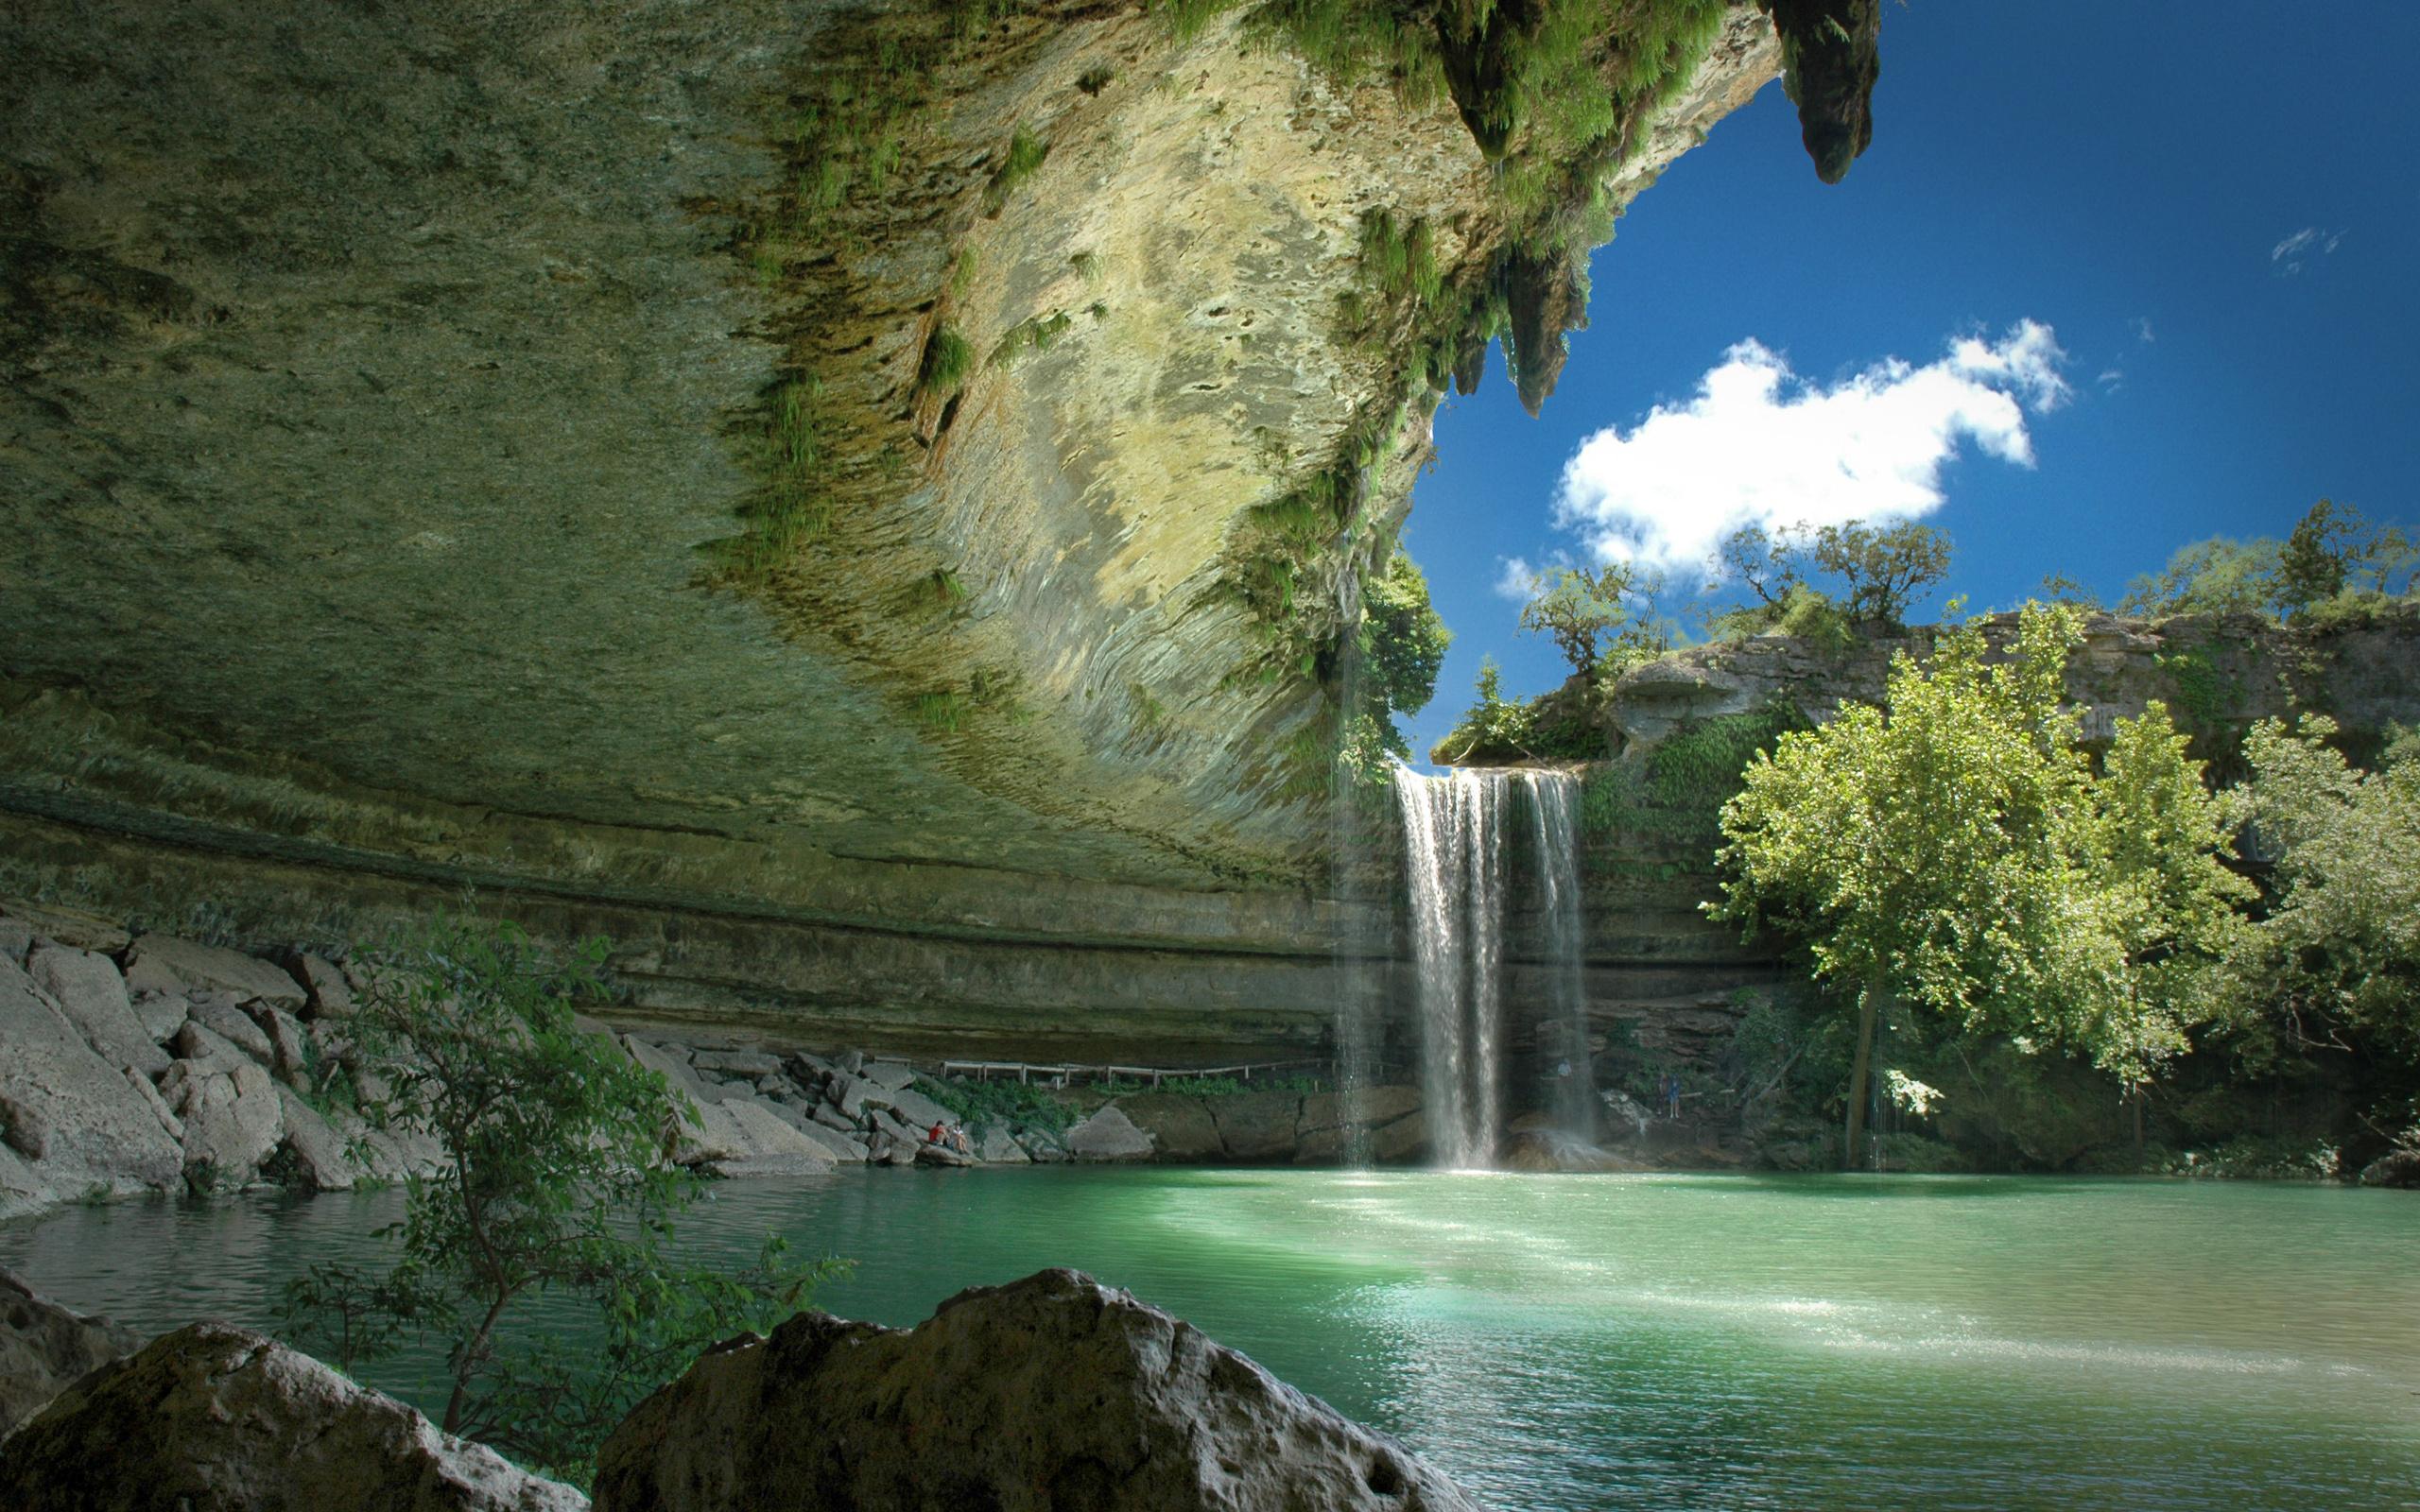 31507 Hintergrundbild herunterladen Wasserfälle, Landschaft, Flüsse - Bildschirmschoner und Bilder kostenlos